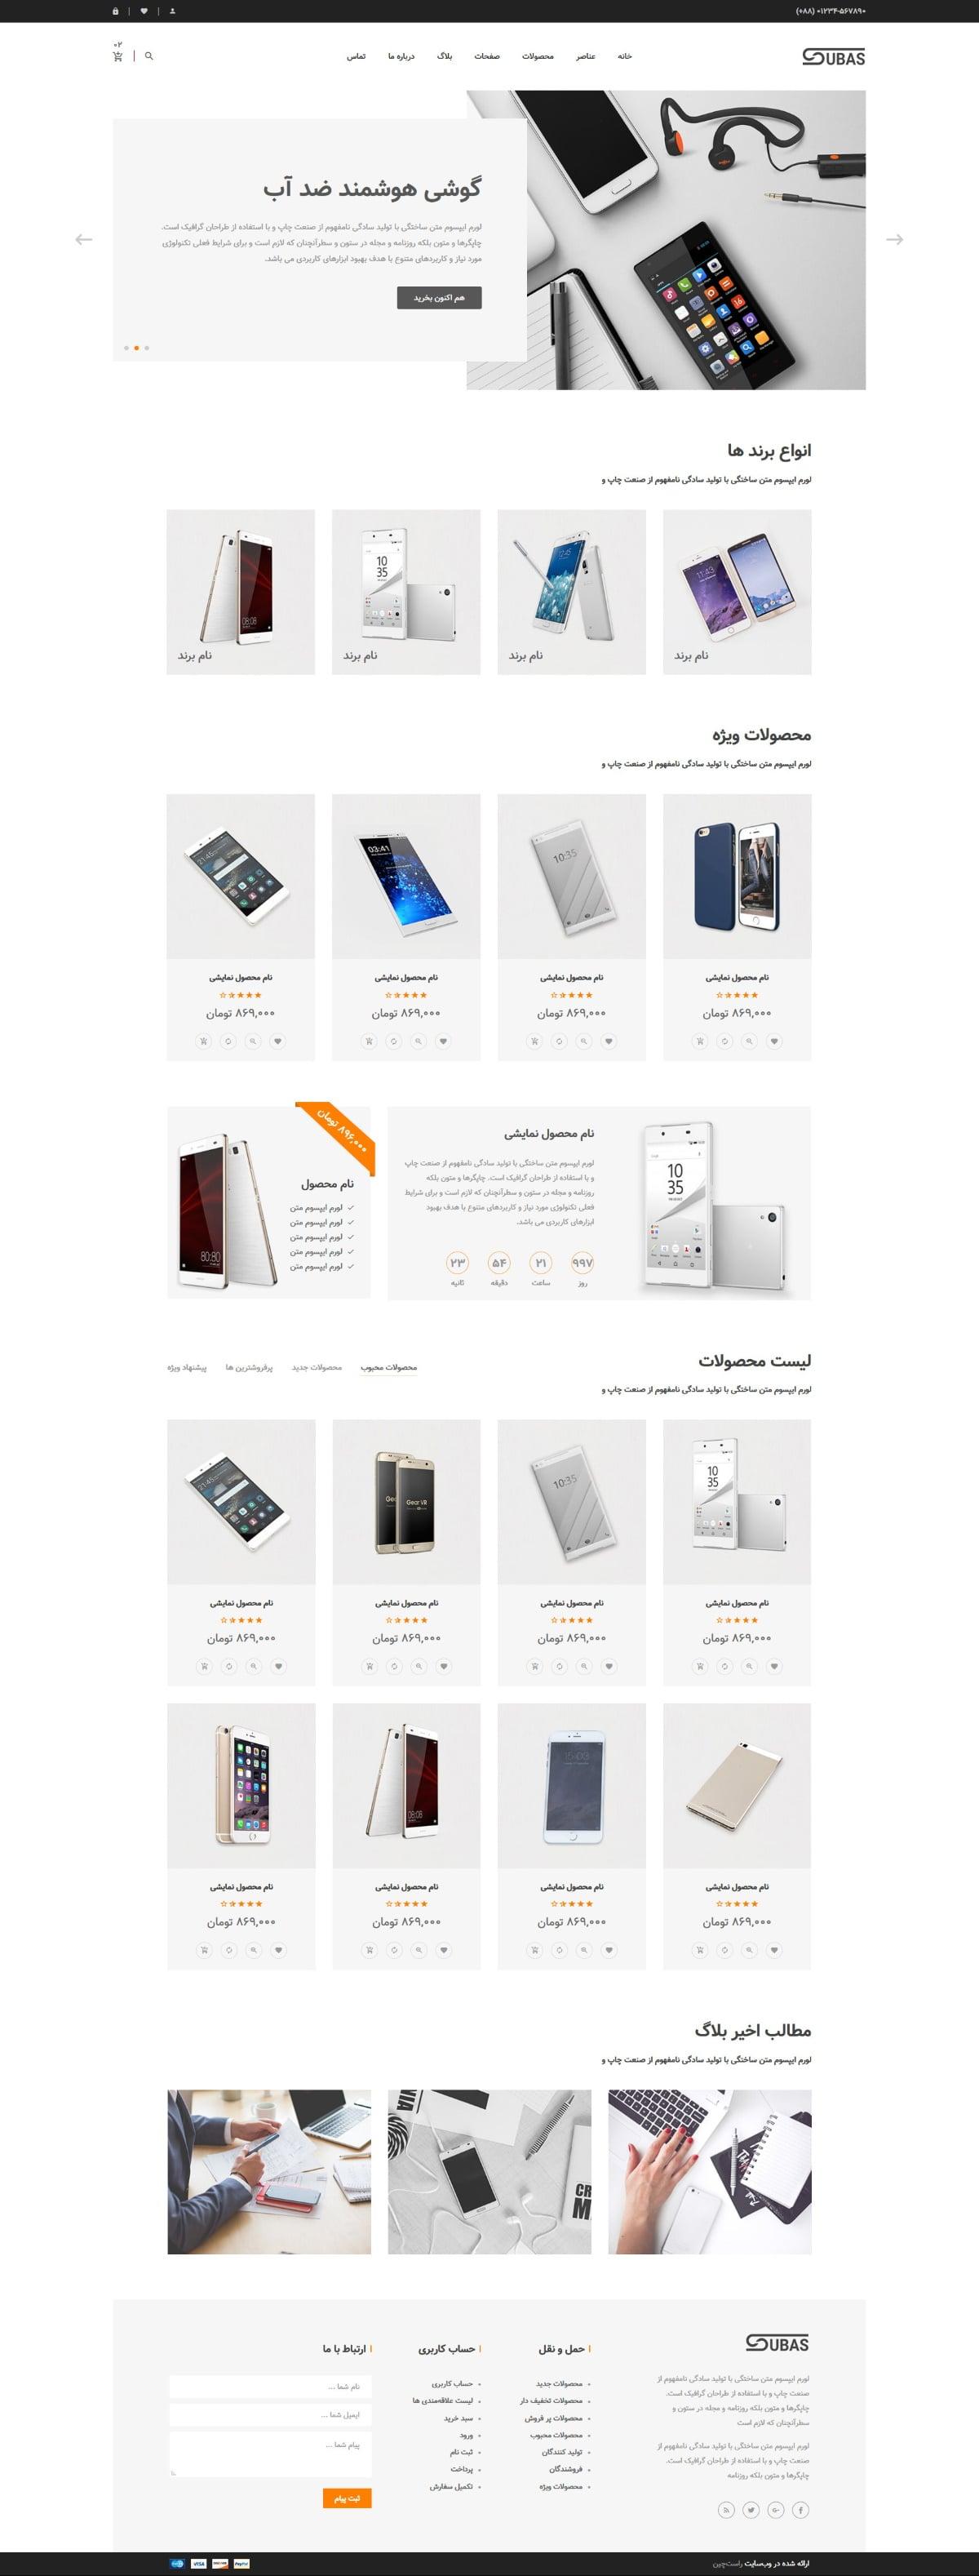 قالب HTML فروشگاهی Subas با 8 طرح متفاوت صفحه اصلی